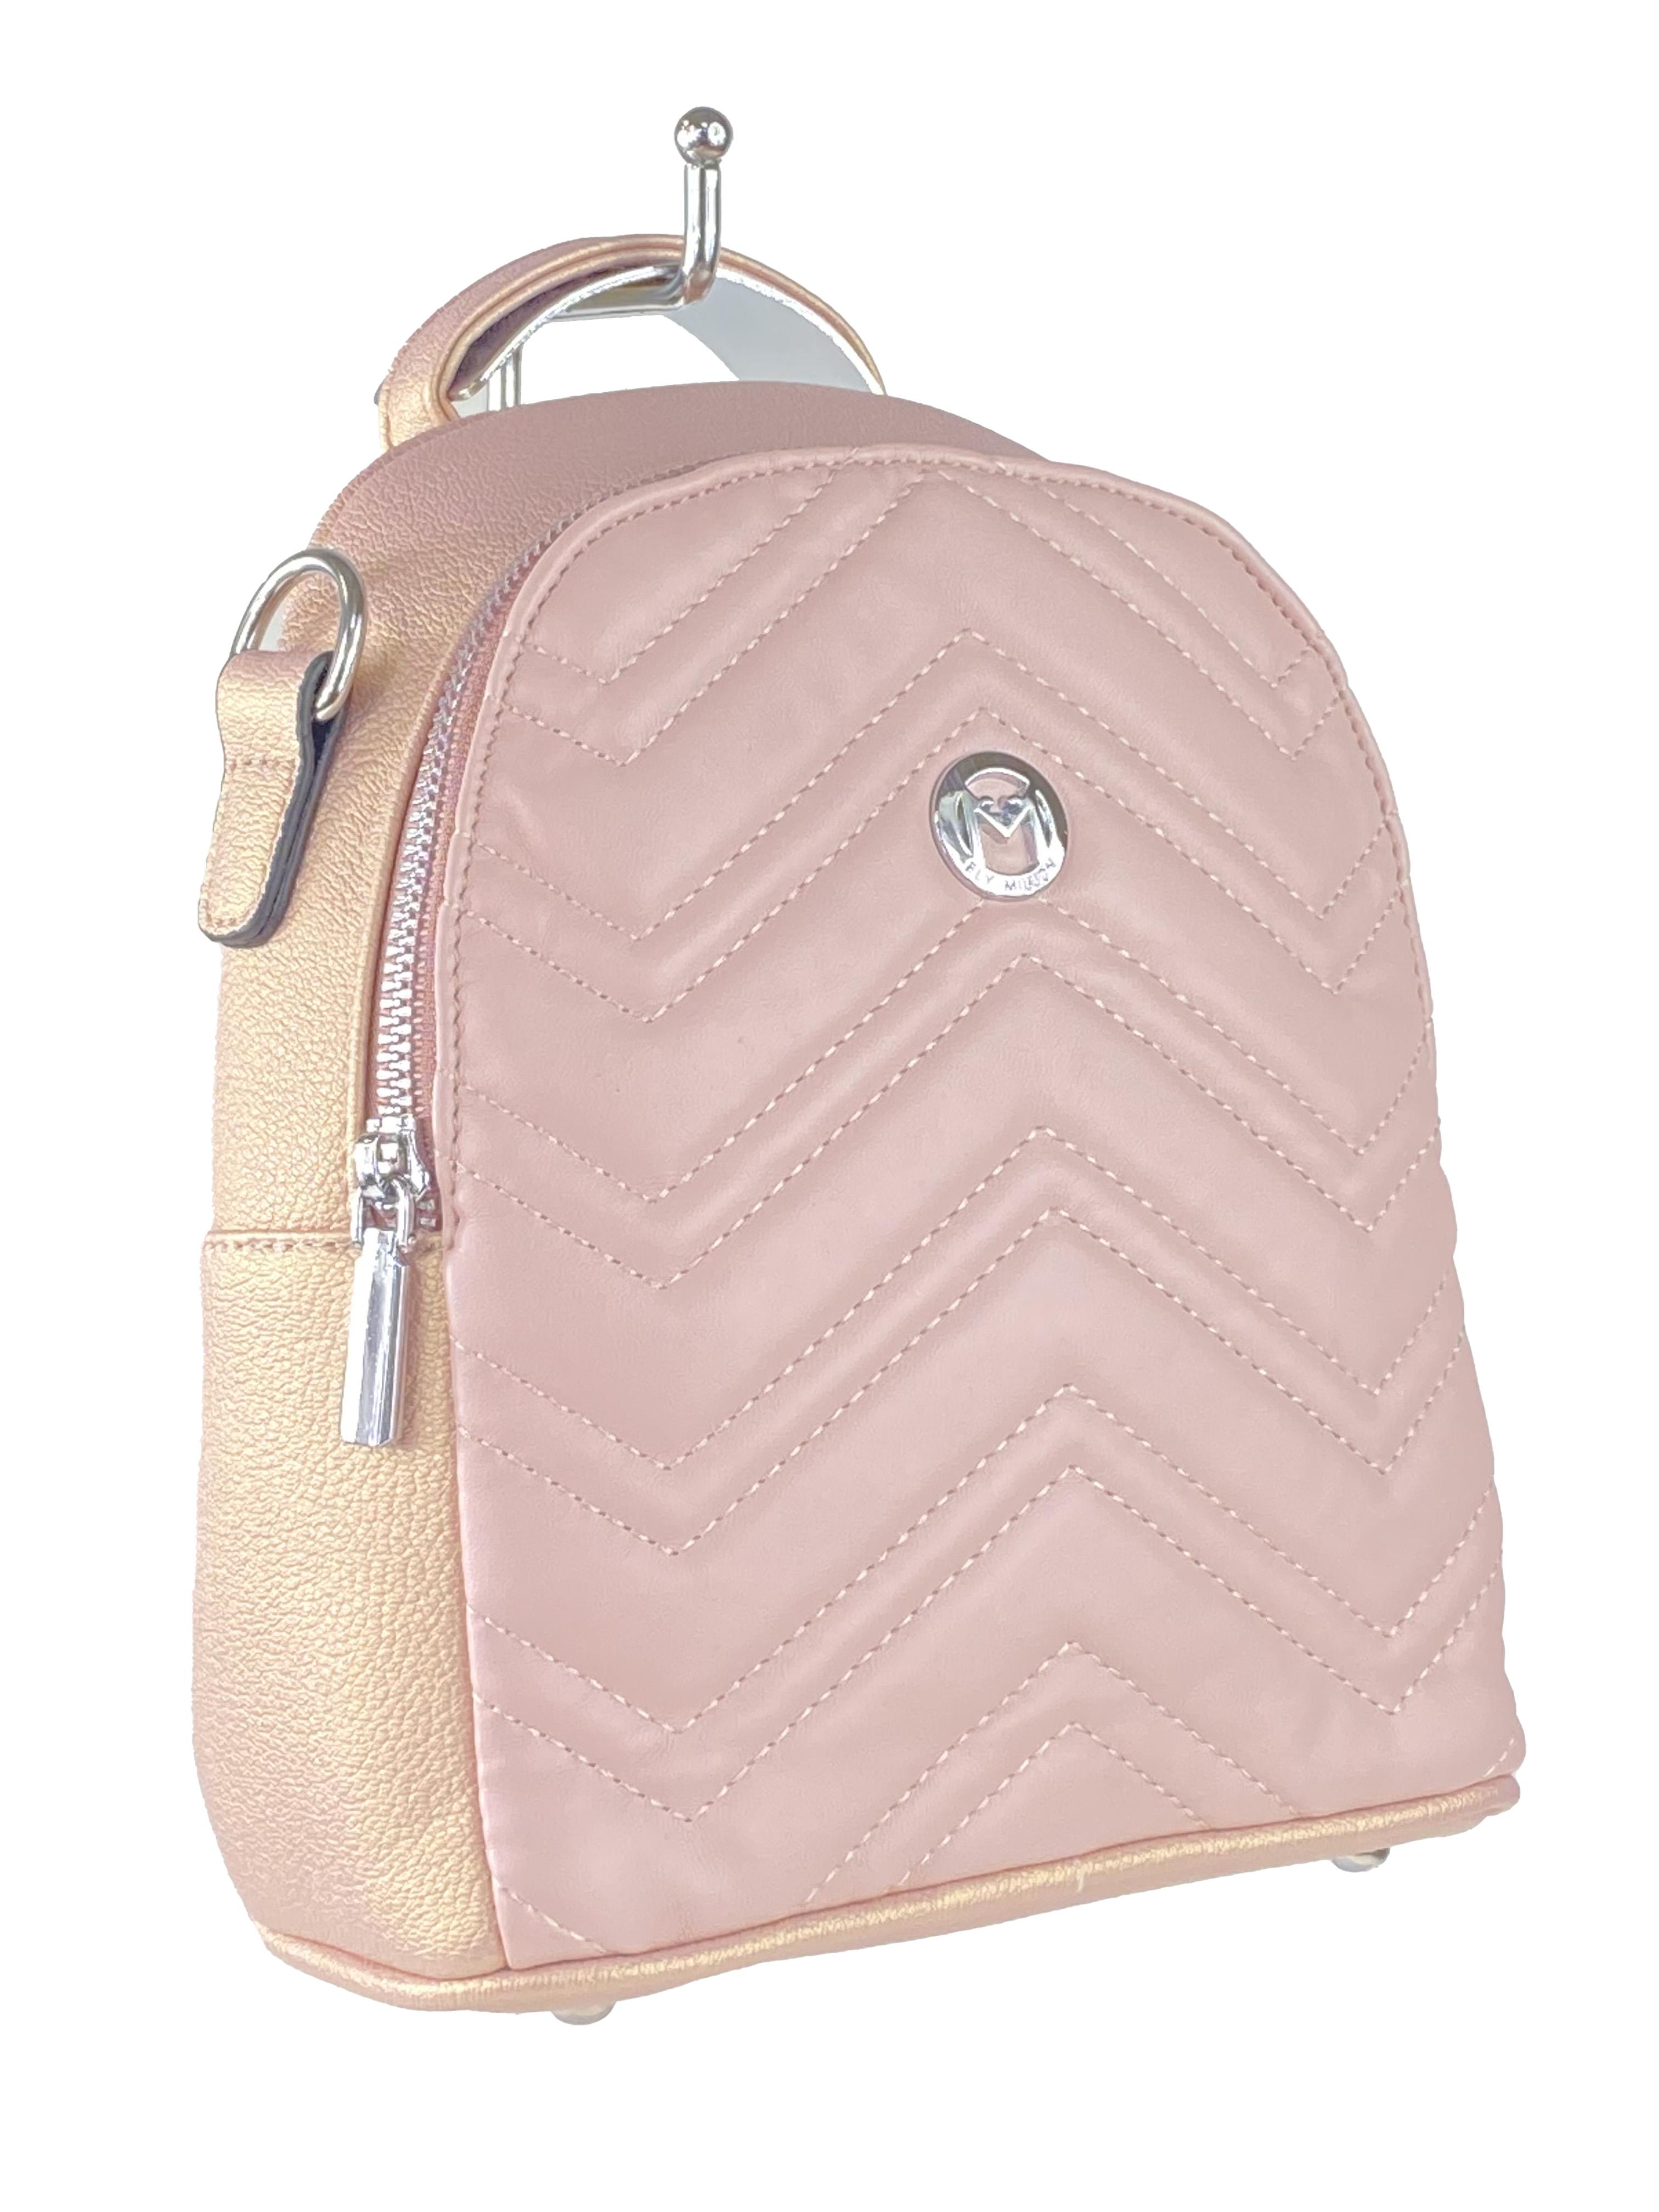 Женский стёганый рюкзачок-трансформер из экокожи, цвет розовый с перламутром